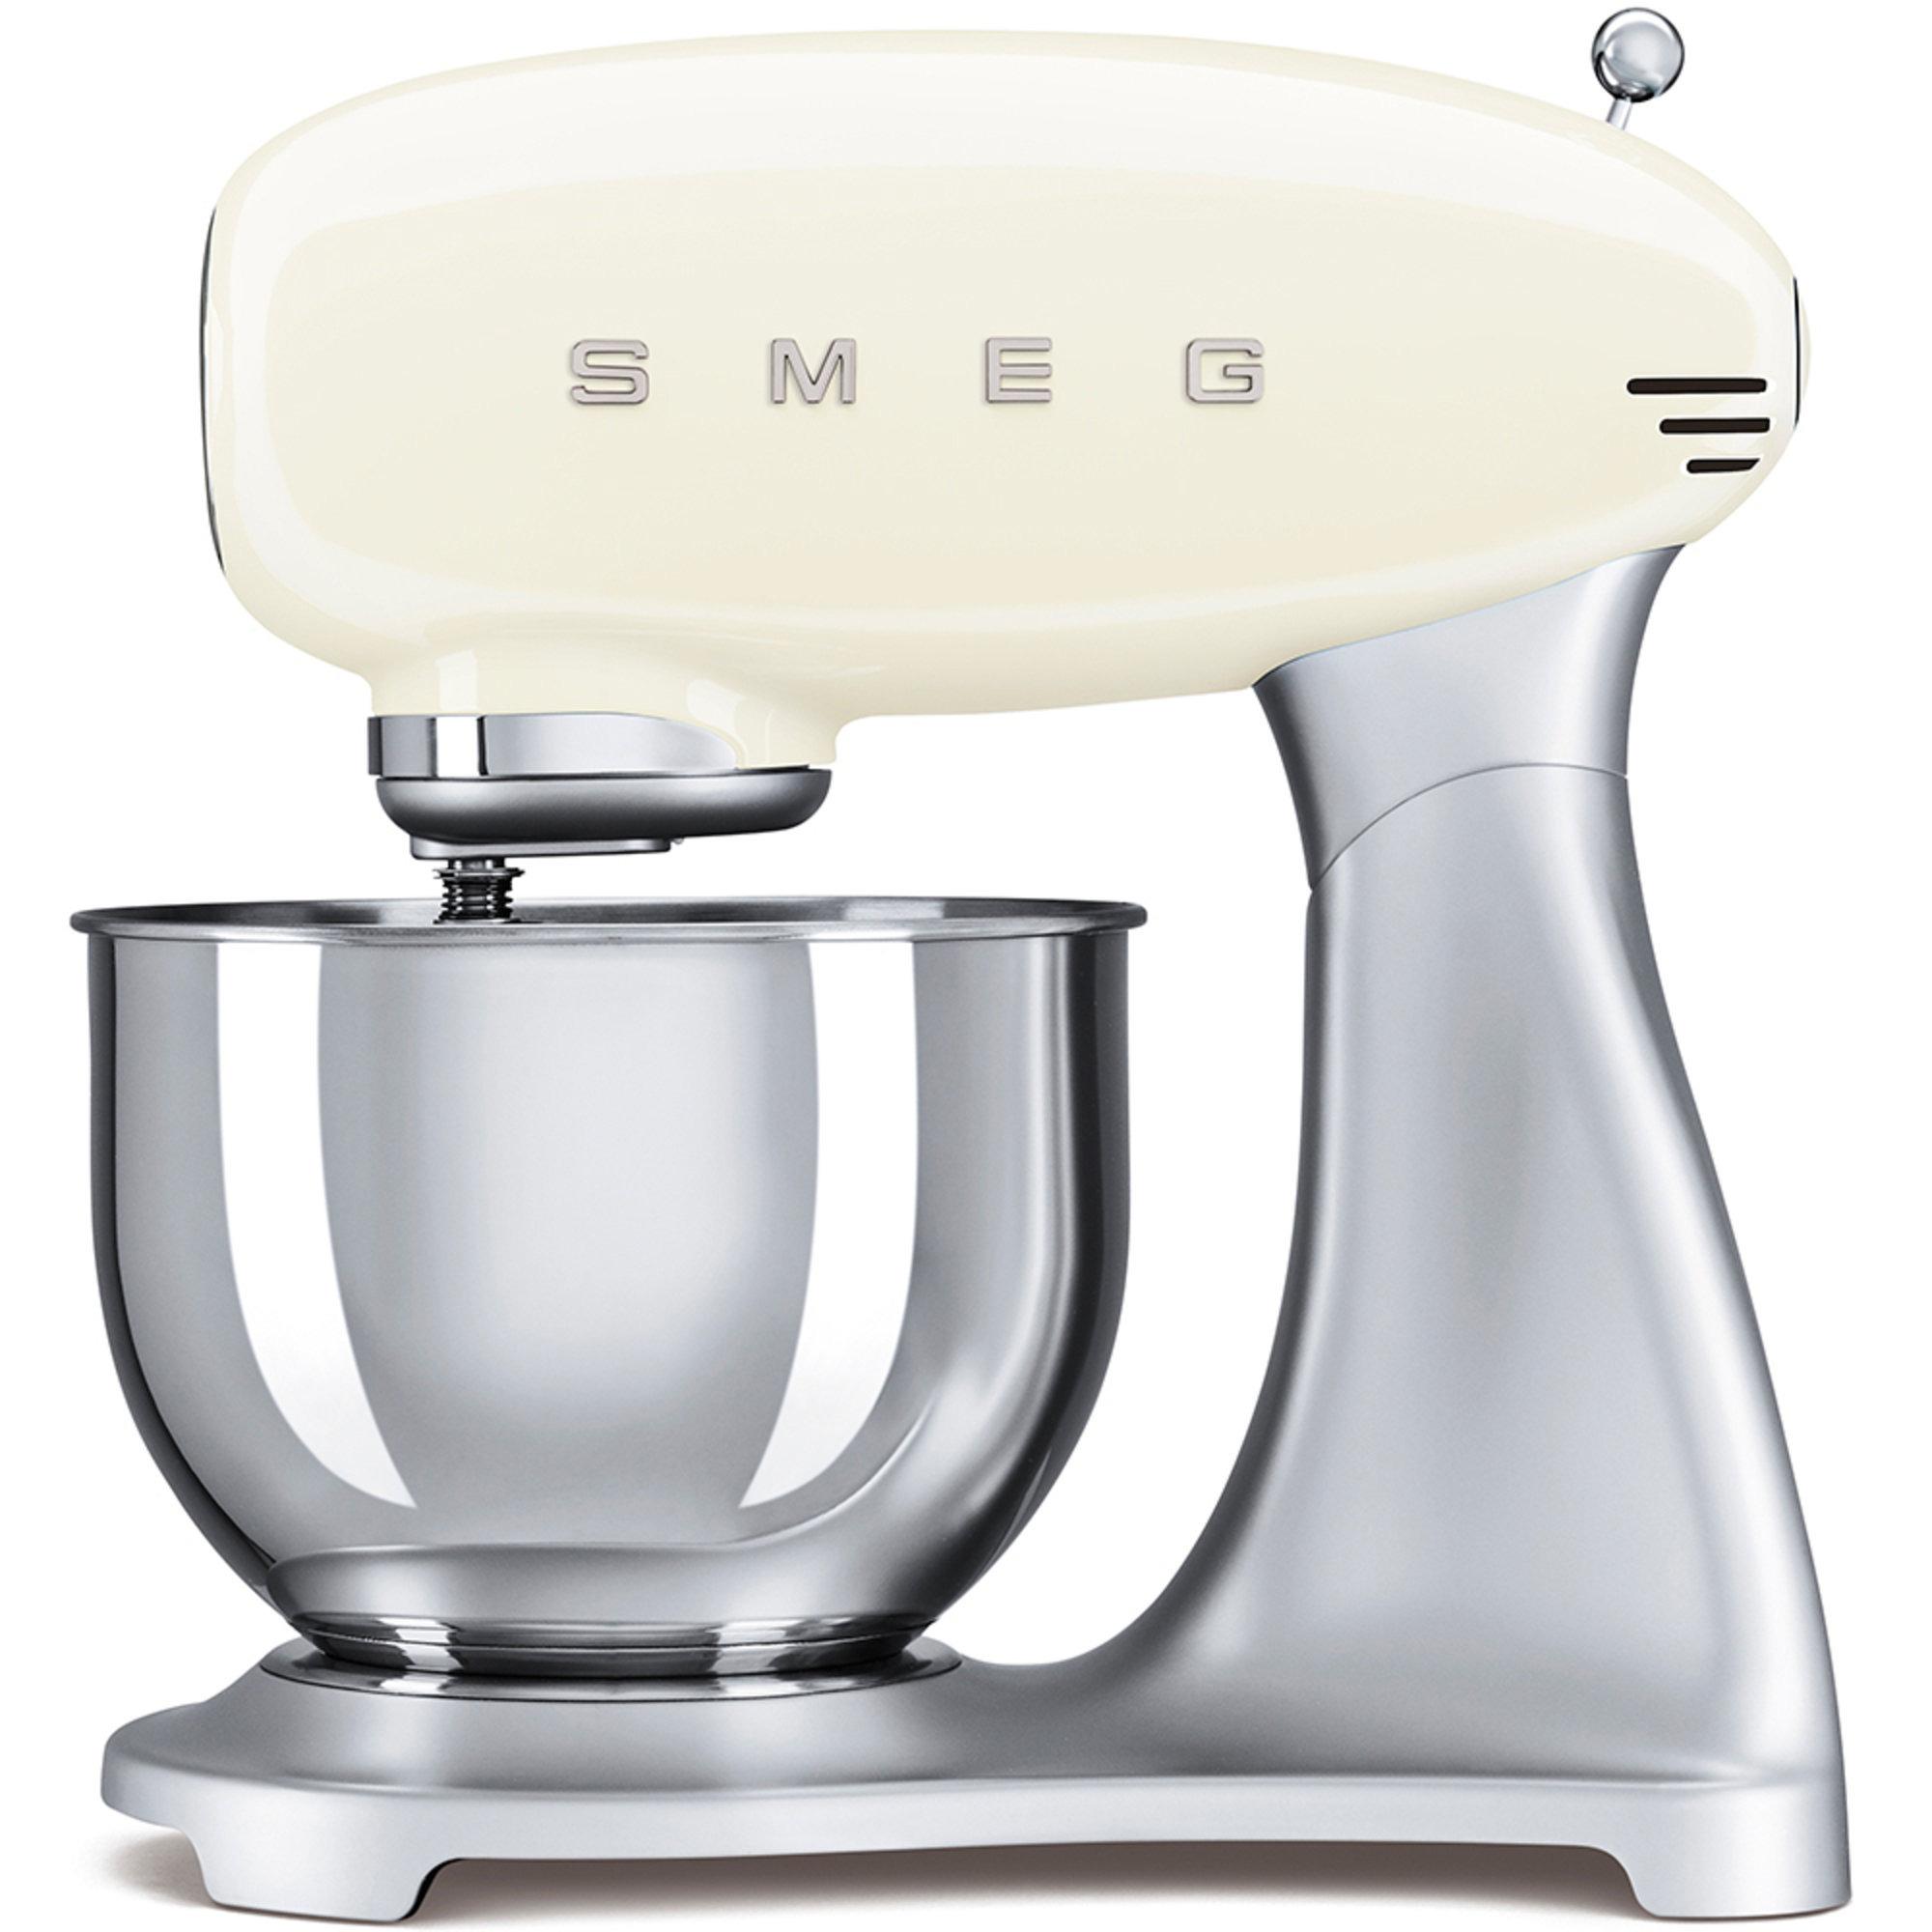 Smeg Köksmaskin 4.8L – Creme SMF01CREU